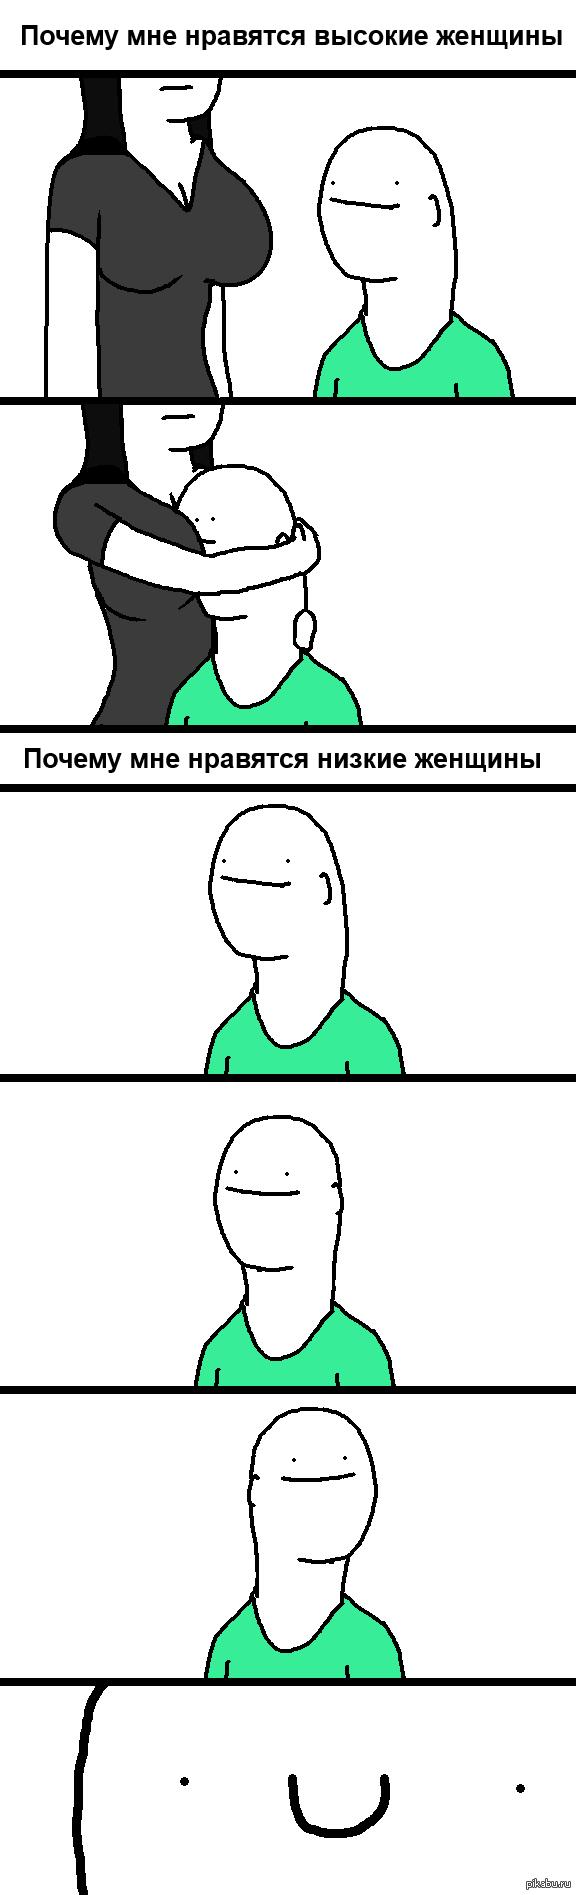 Почему мне нравятся женщины? ))) клубничка вроде не нужна?